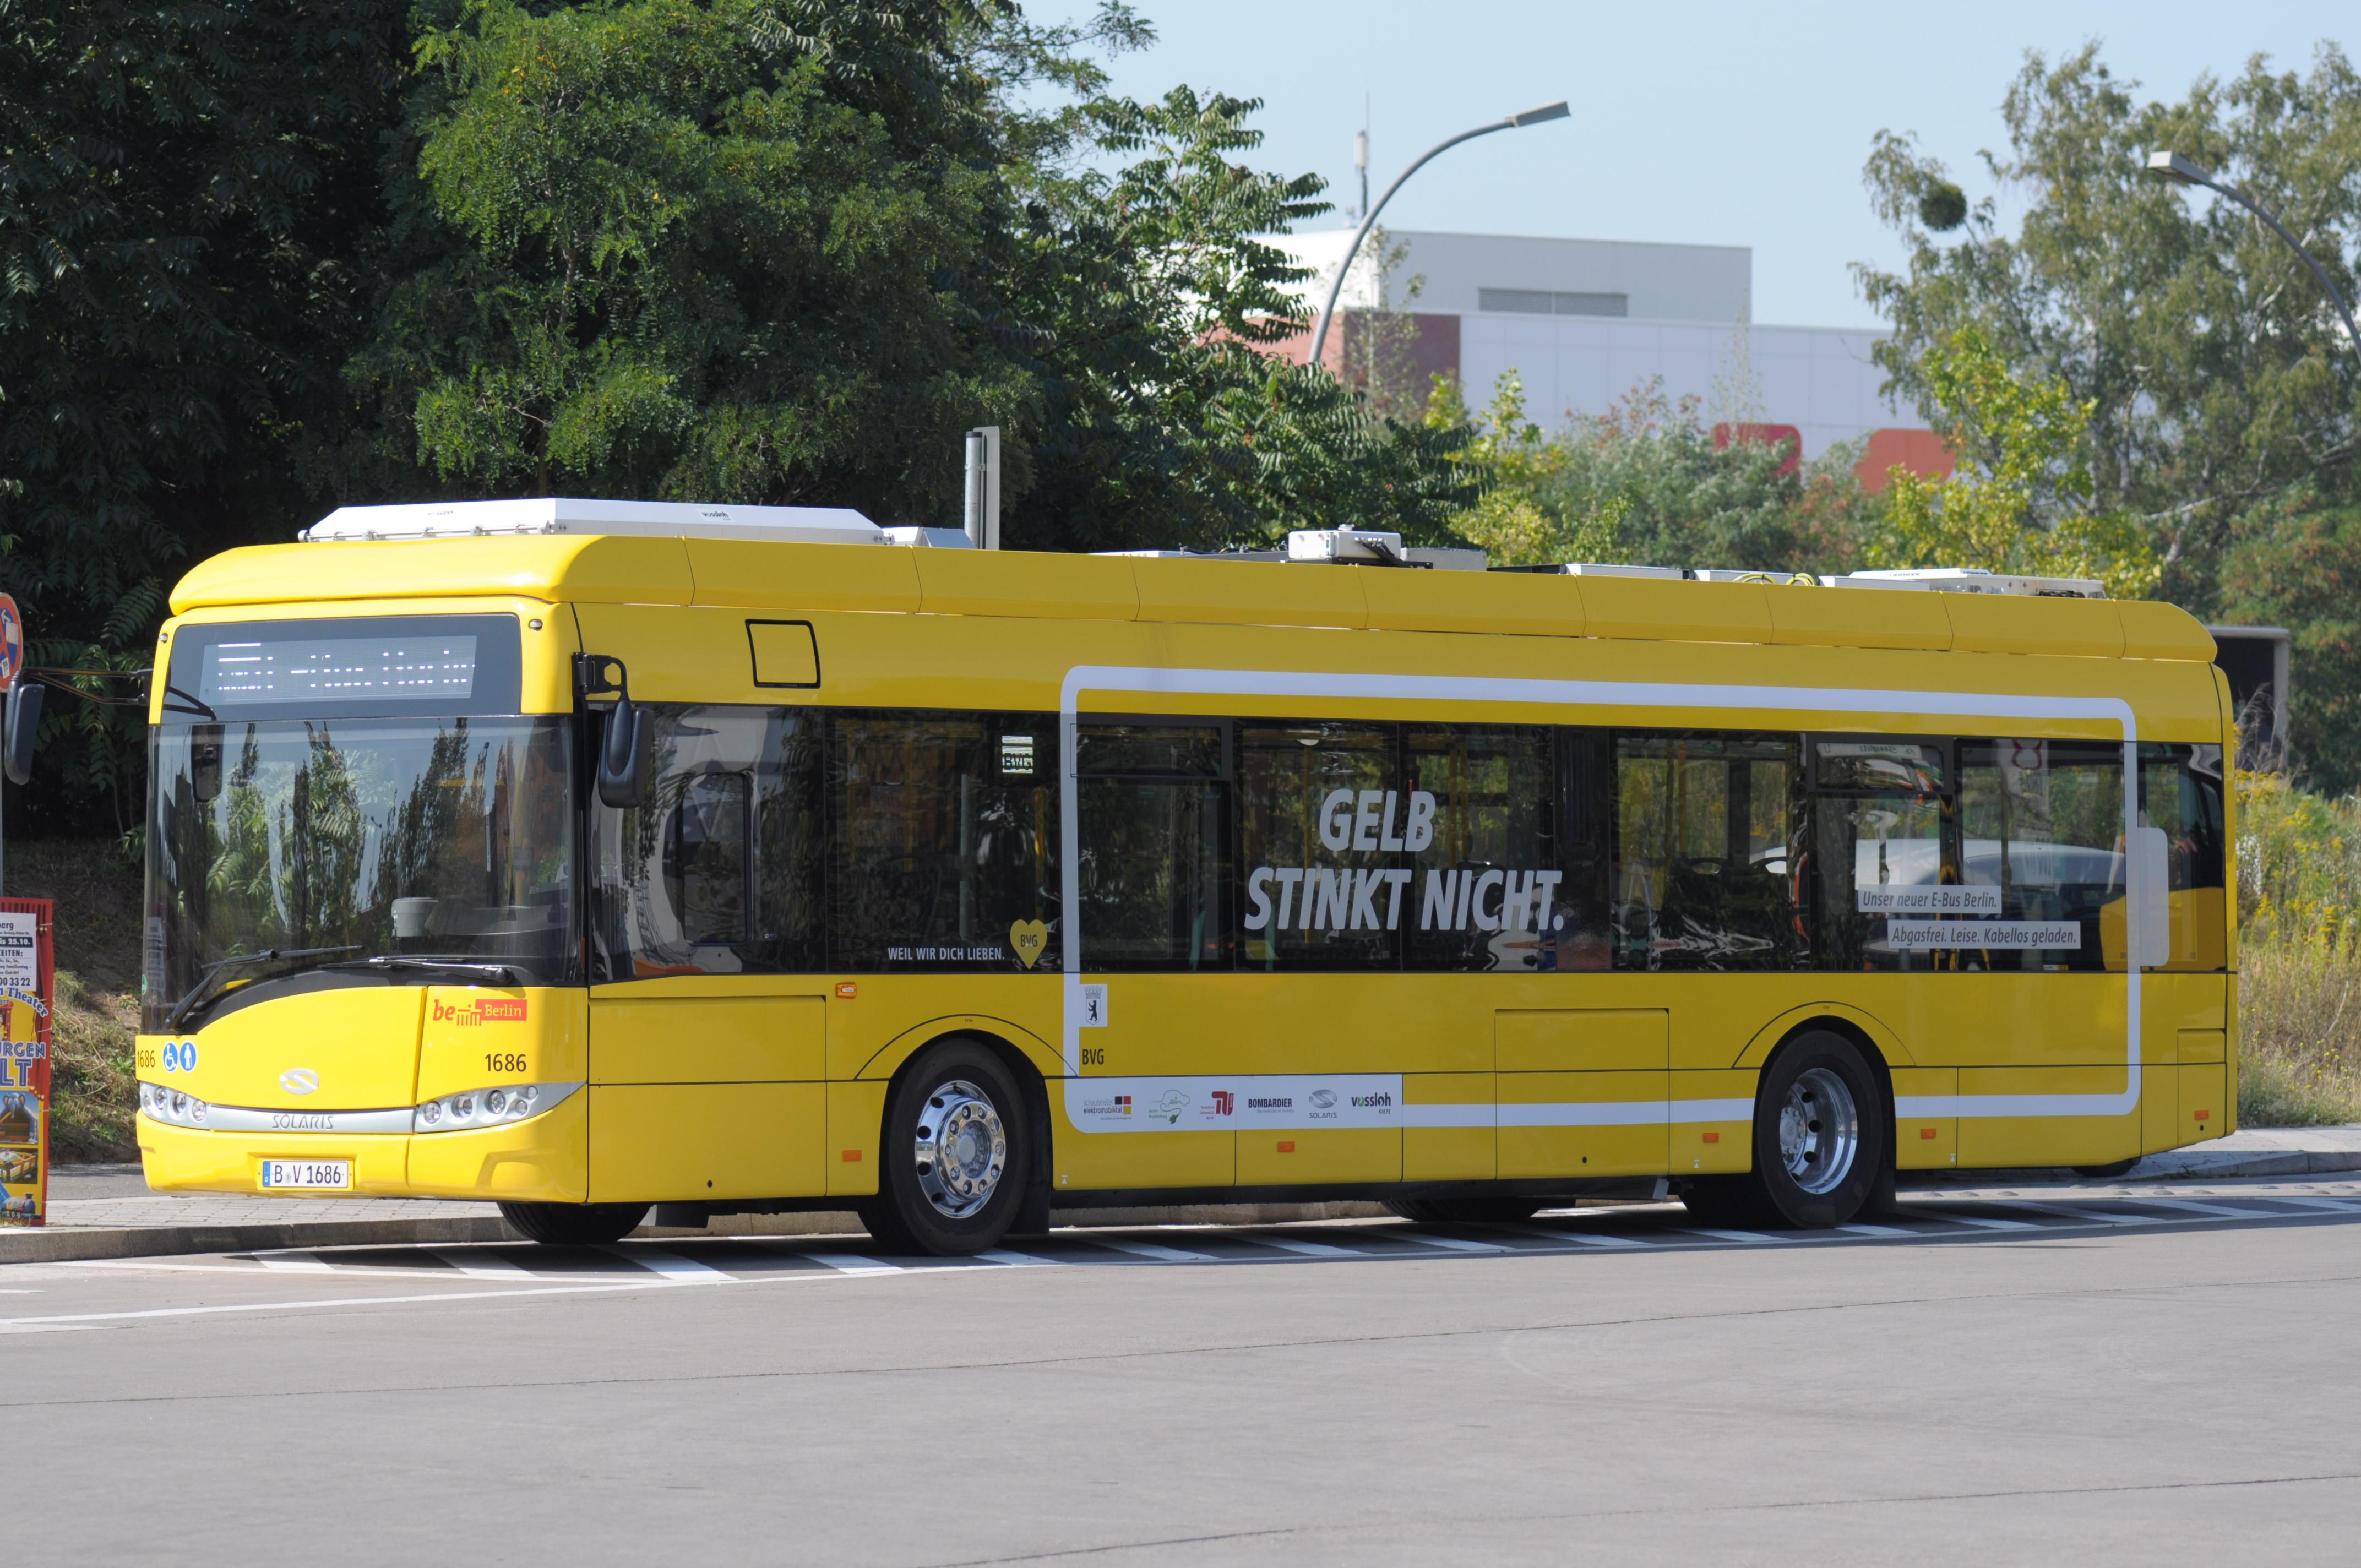 Bombardier Primove: Die BVG hat Probleme mit ihren Berliner Induktionsbussen - Der zweite Bus kann noch keine Energie laden, ist aber ohnehin noch nahezu voll gewesen. (Foto: Andreas Sebayang/Golem.de)